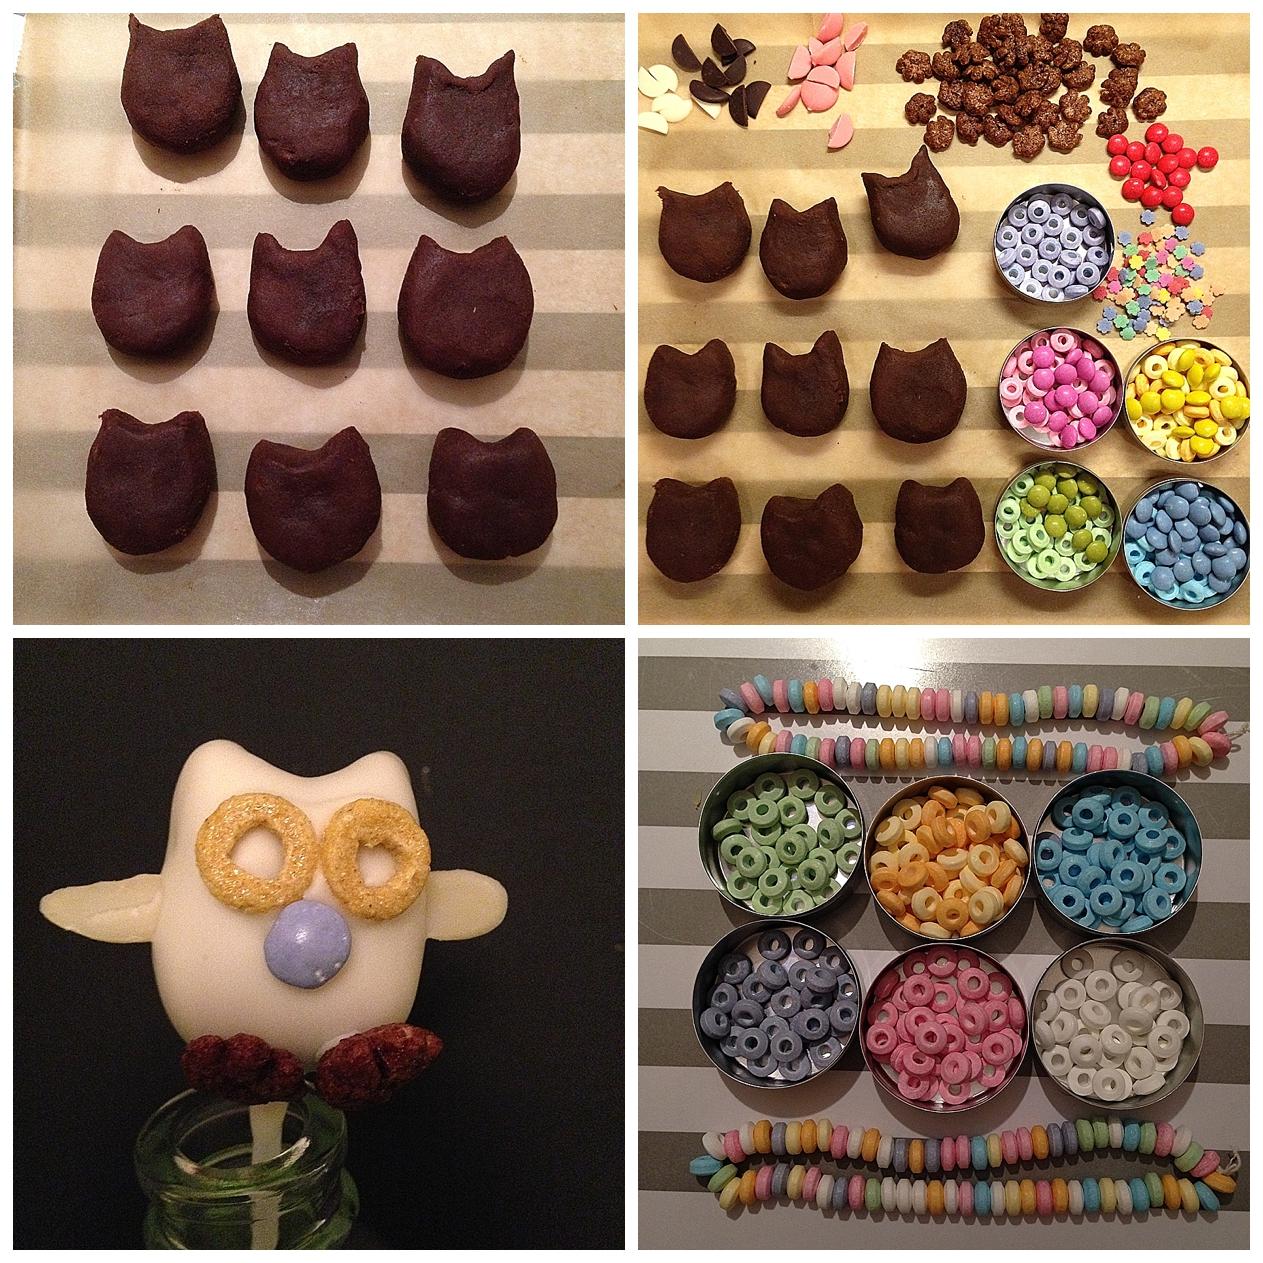 Eulen Cakepops